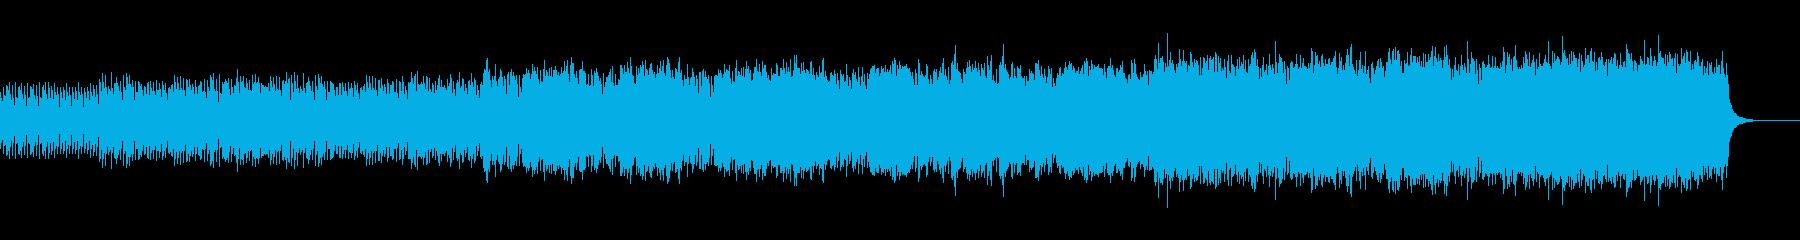 神秘的、幻想的な雰囲気の曲の再生済みの波形